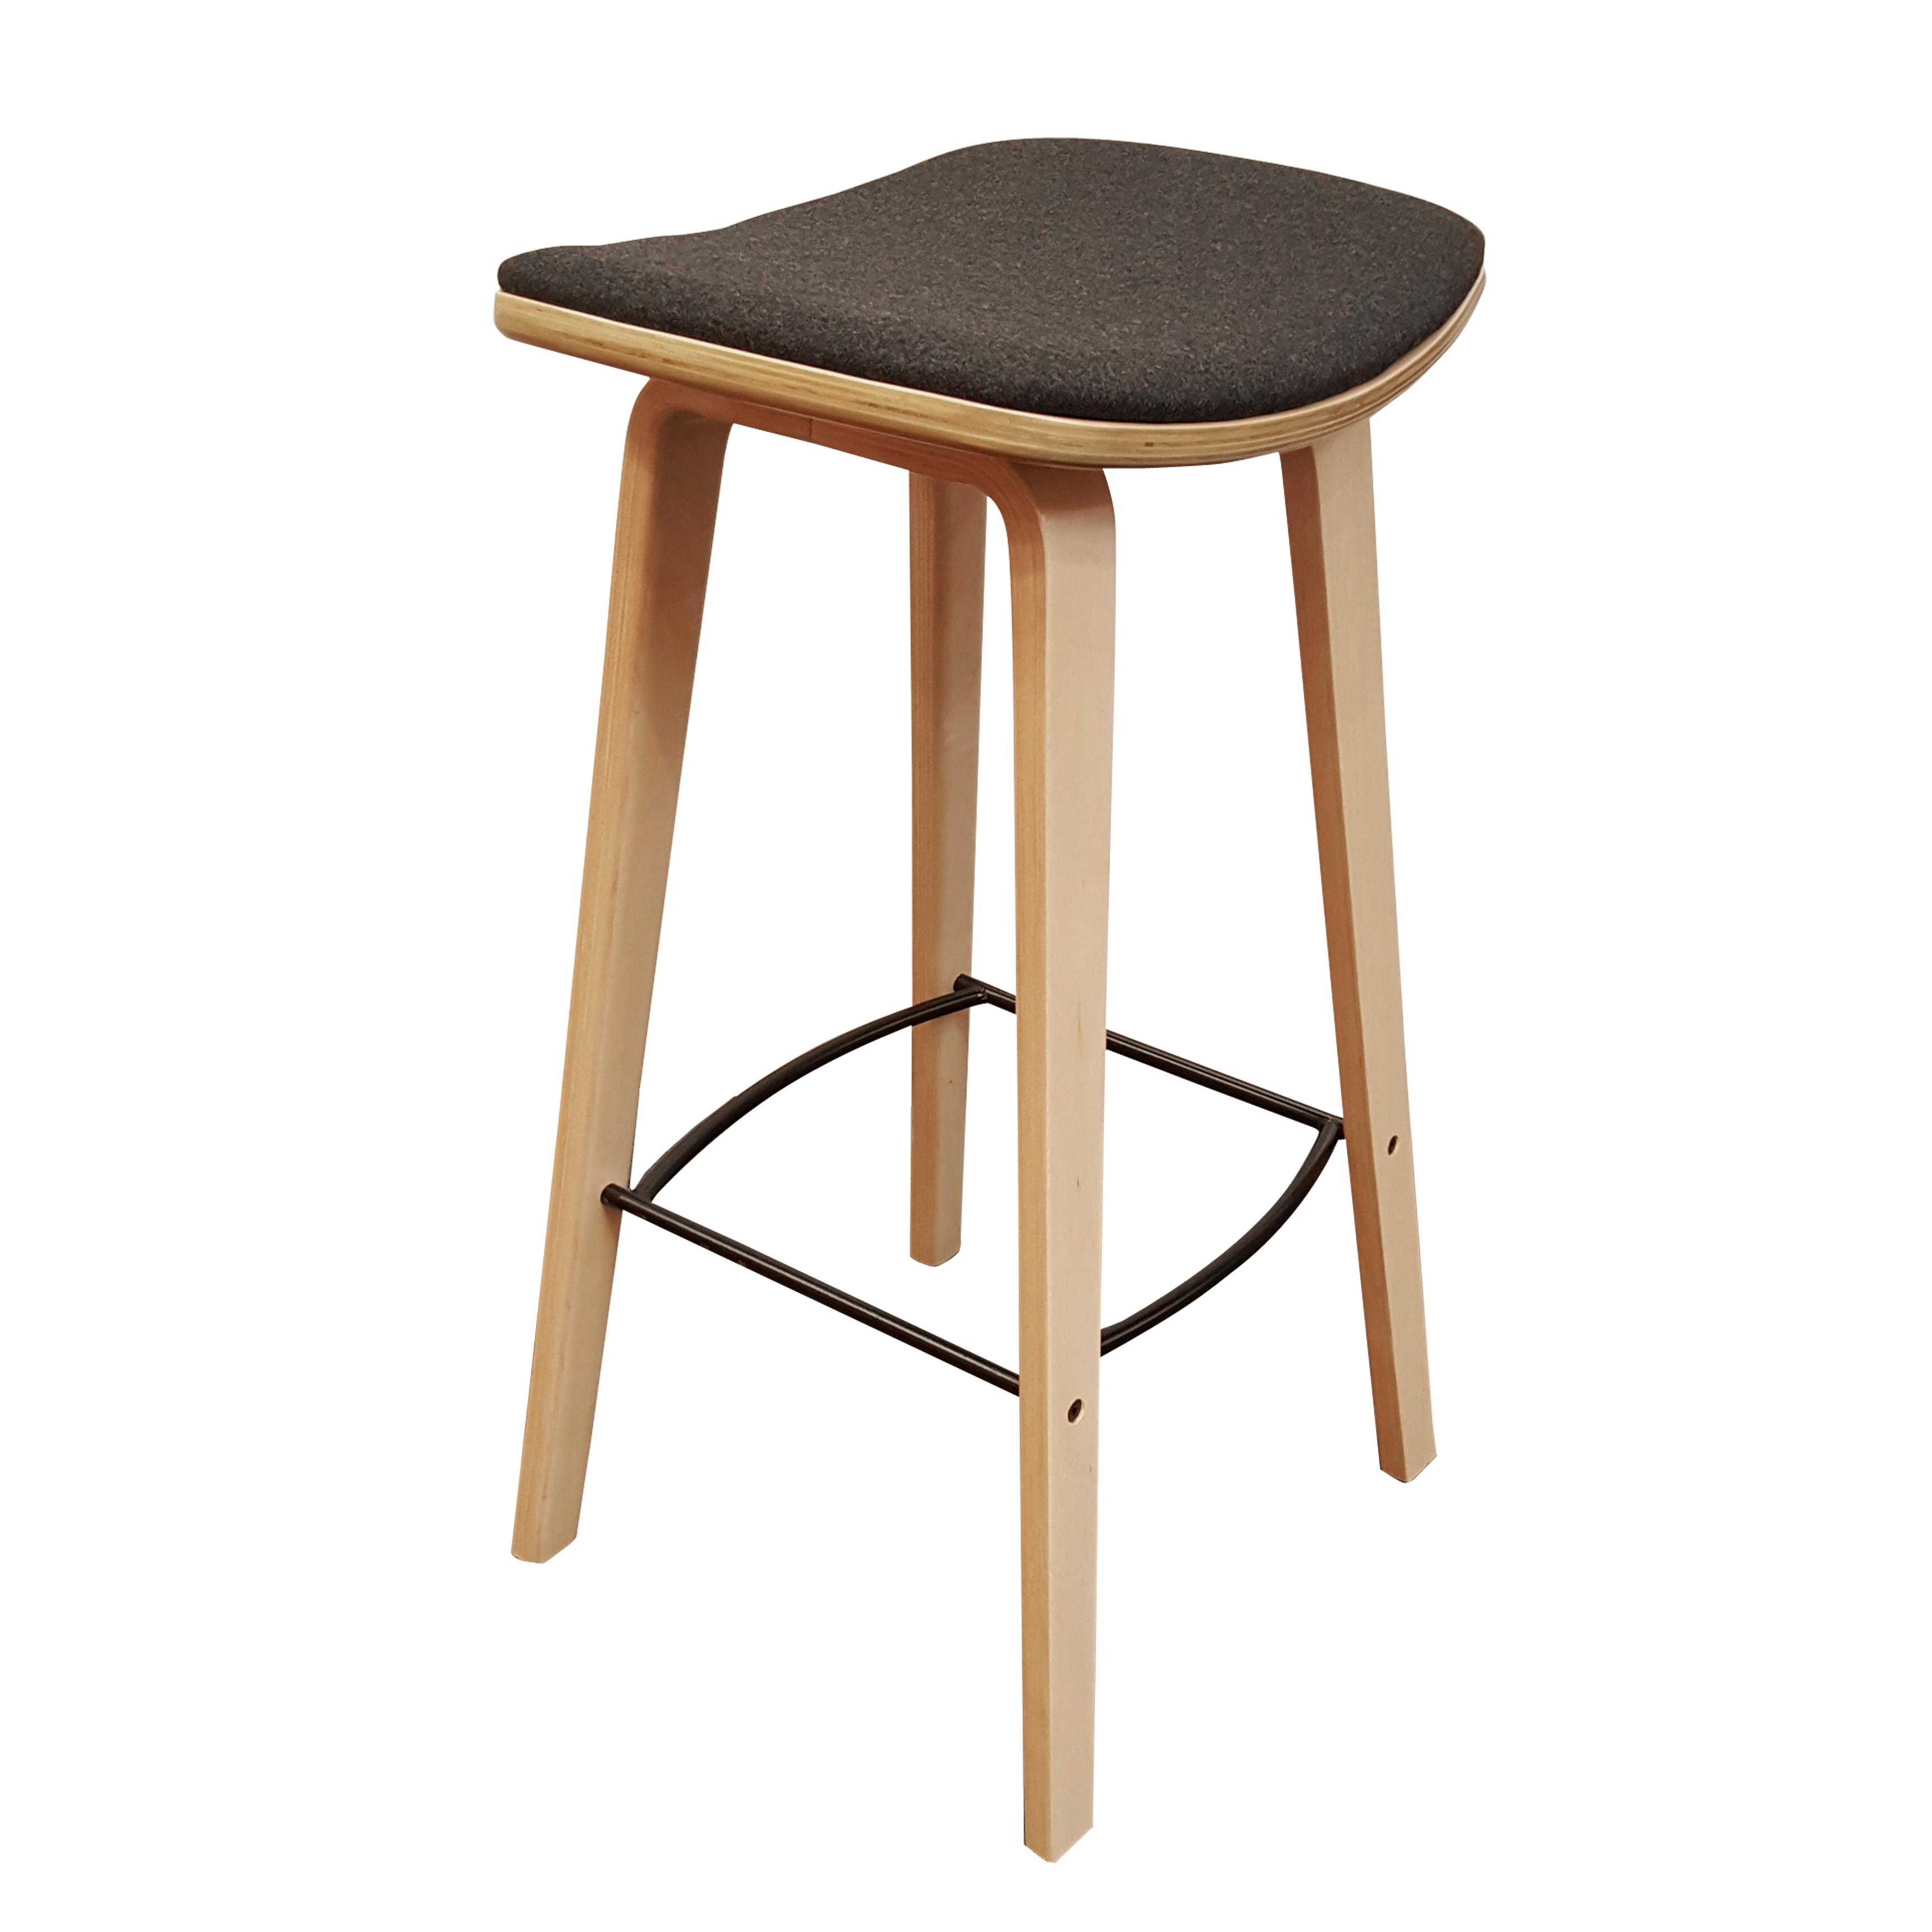 Thonet - Legacy Upholstered Barstool